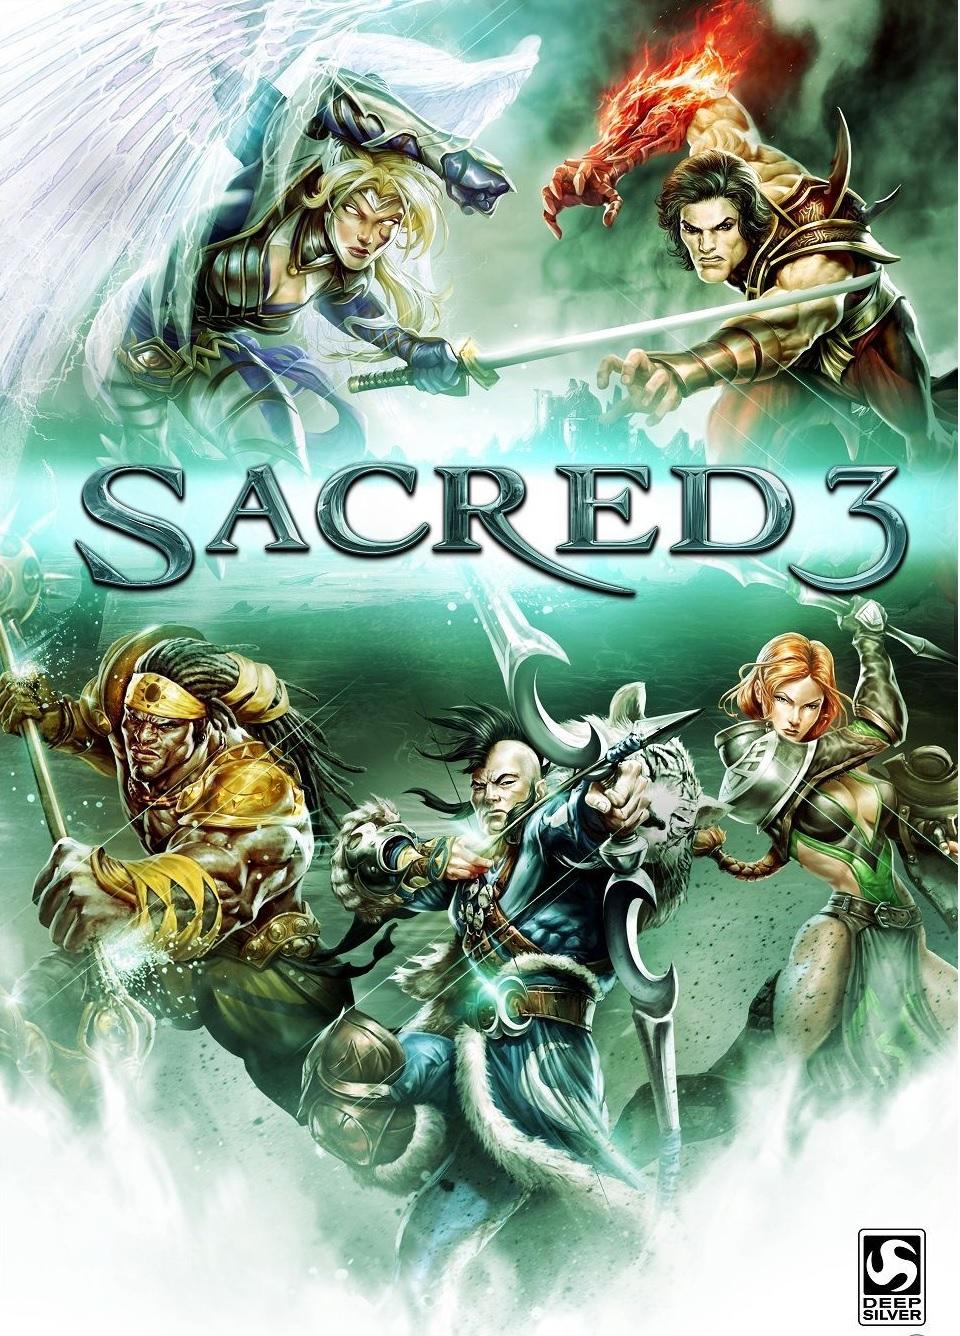 Скачать игру [Обзор] Sacred 3 через торрент